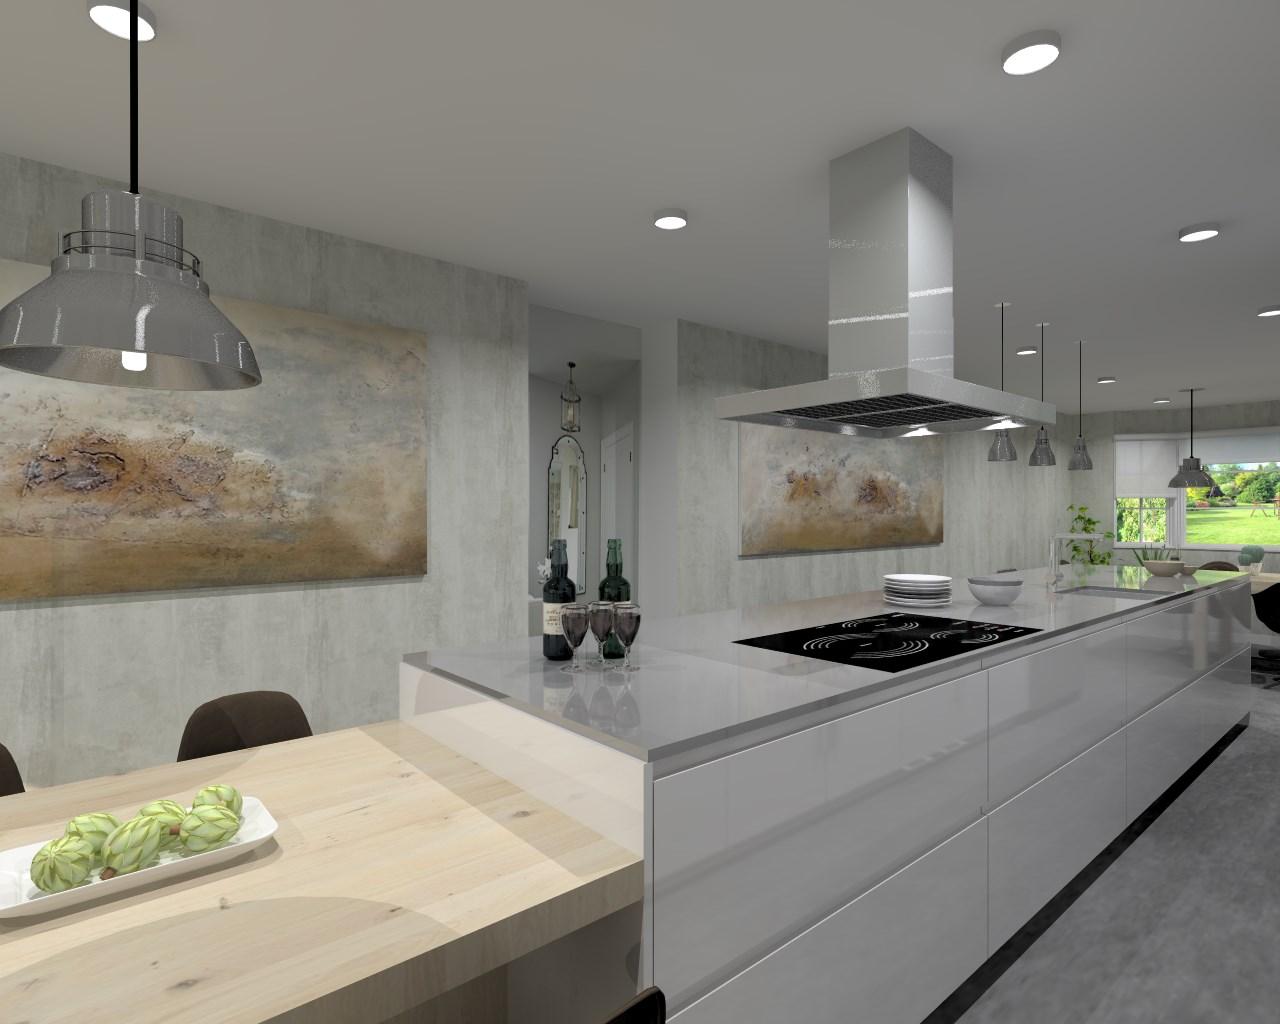 Proyectos de cocinas docrys cocinas - Docrys cocinas ...